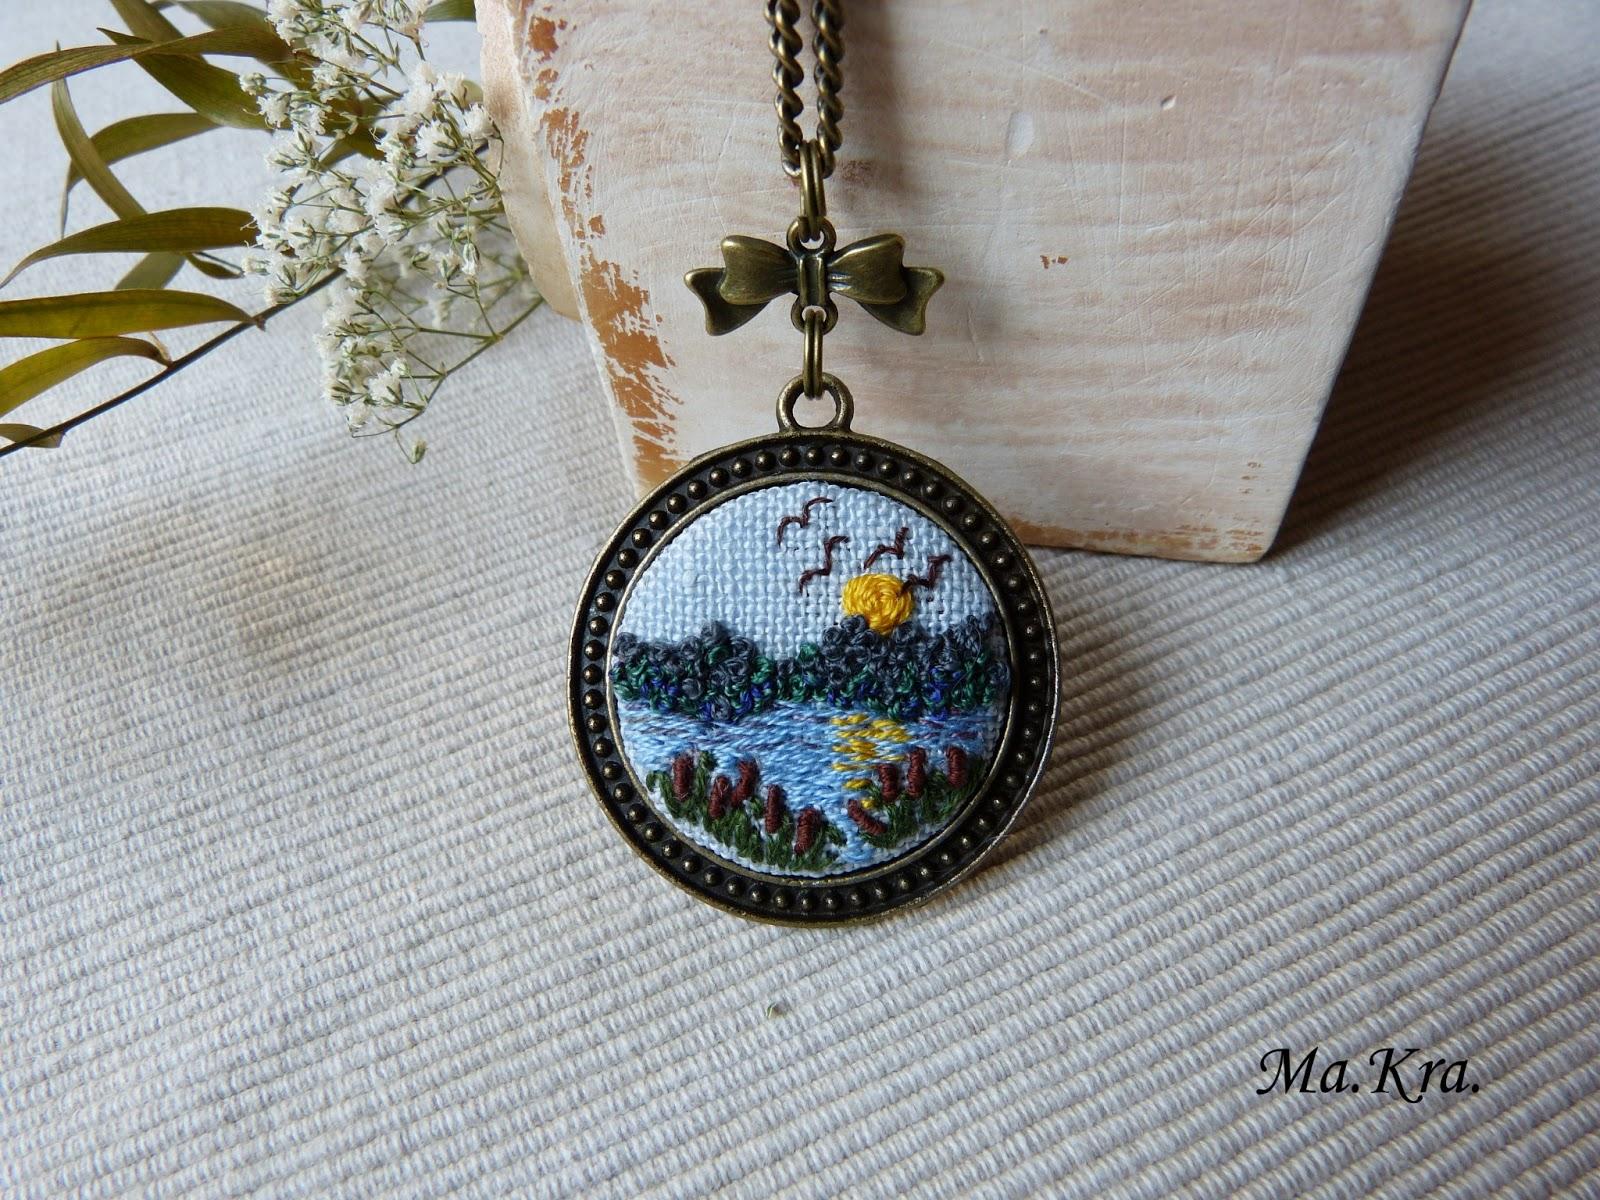 haftowany medalion